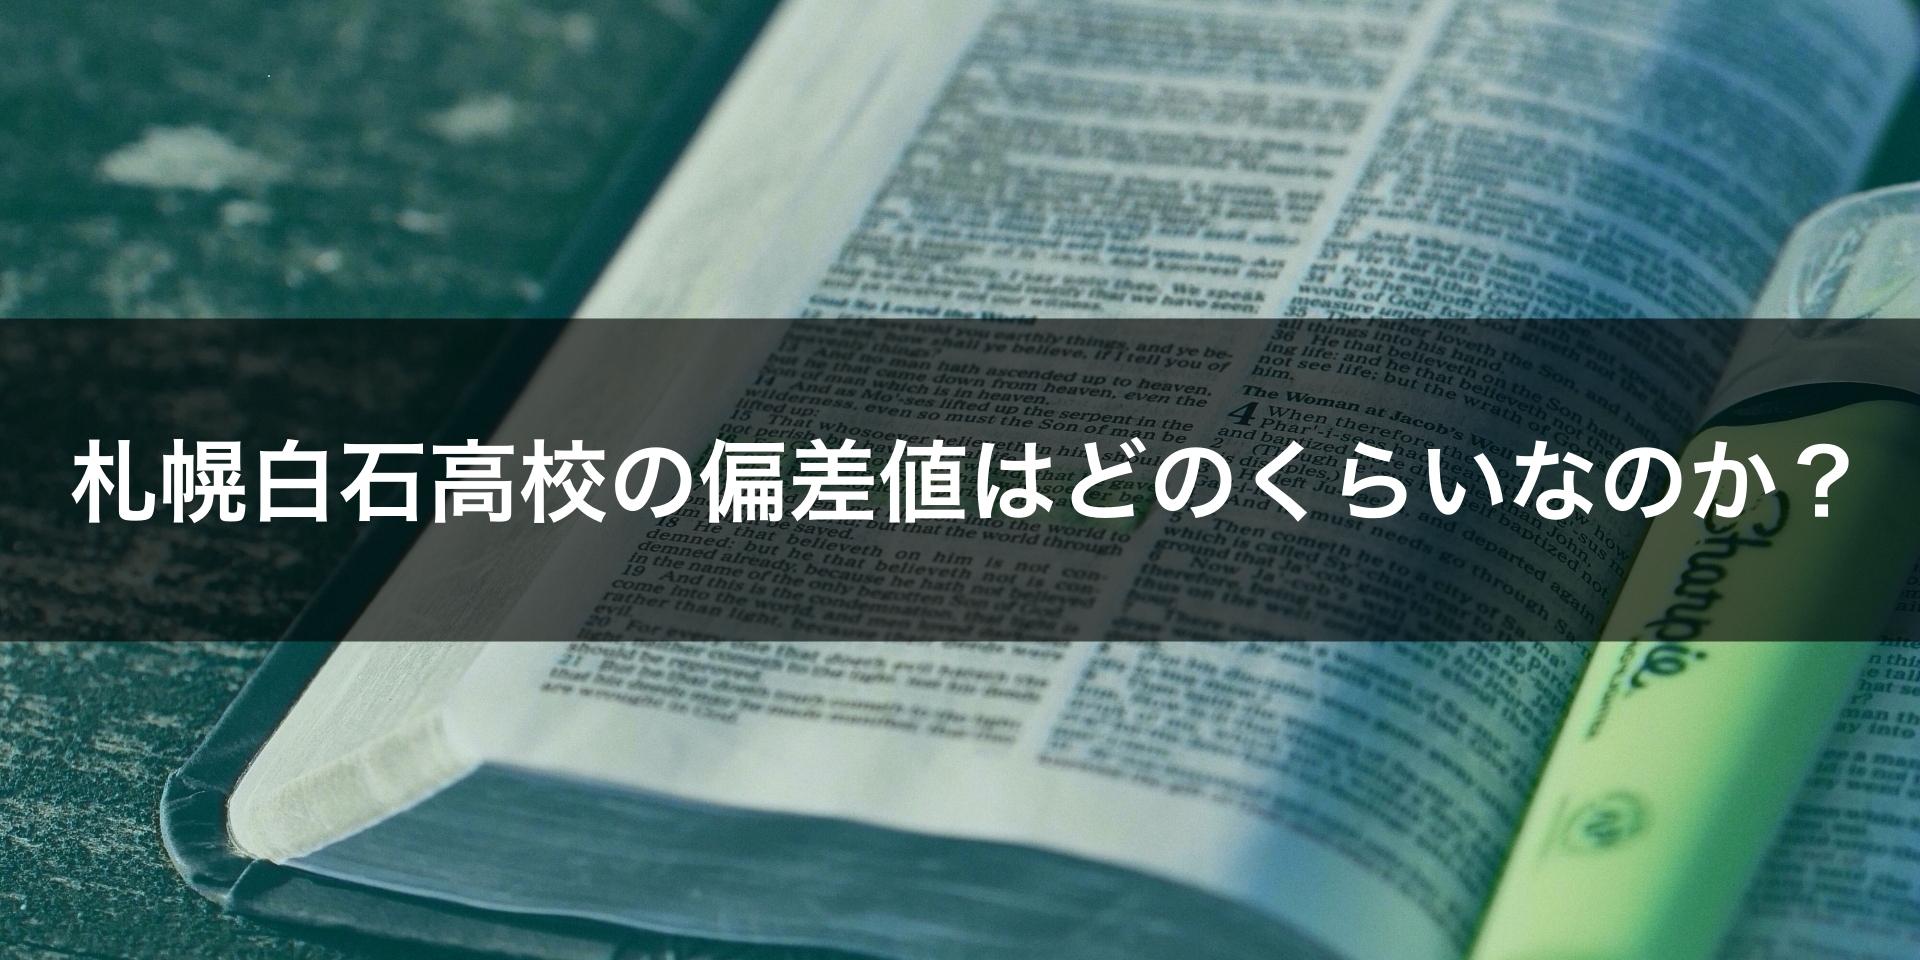 札幌白石高校の偏差値はどのくらいなのか?